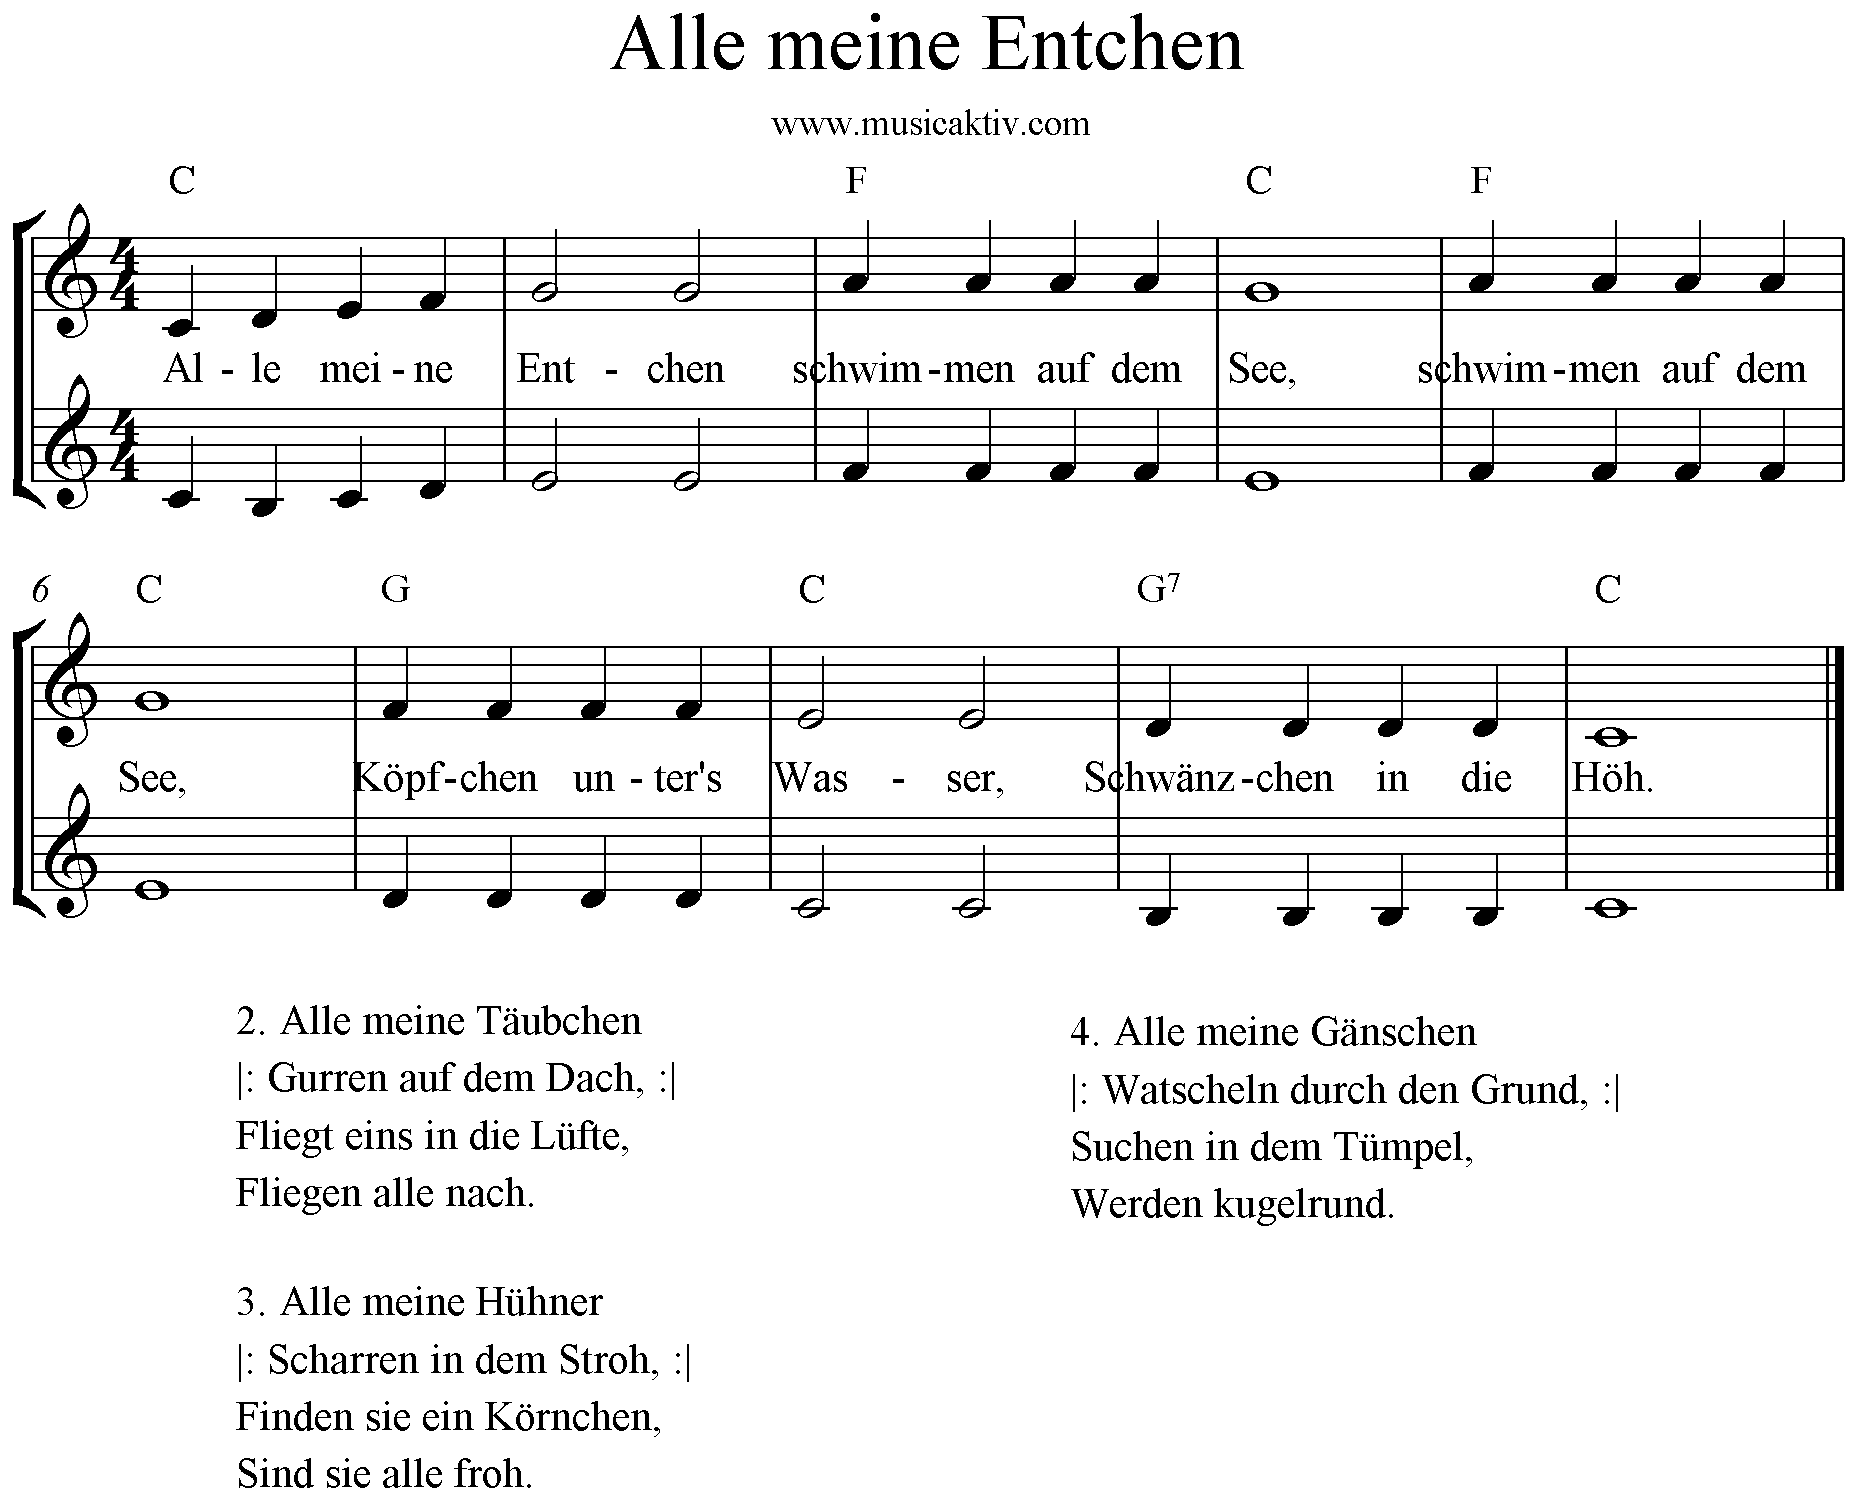 3 Stimmige Weihnachtslieder.Noten Alle Meine Entchen 2 Stimmig Lullibys And Lyrics Enten